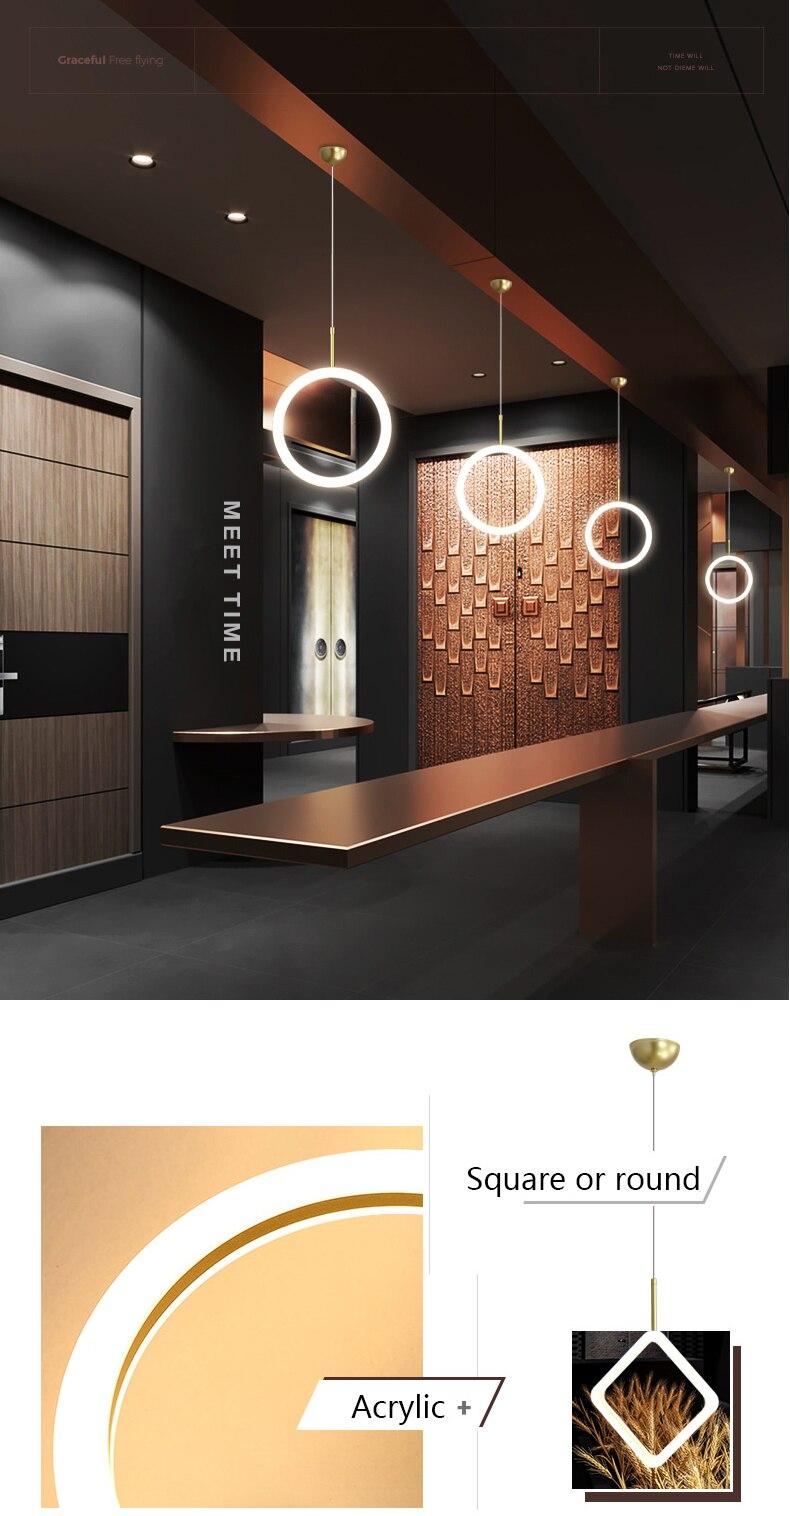 北欧风格创意个性吊灯简约现代圆环形三头餐厅灯吧台灯餐吊灯具-tmall_01